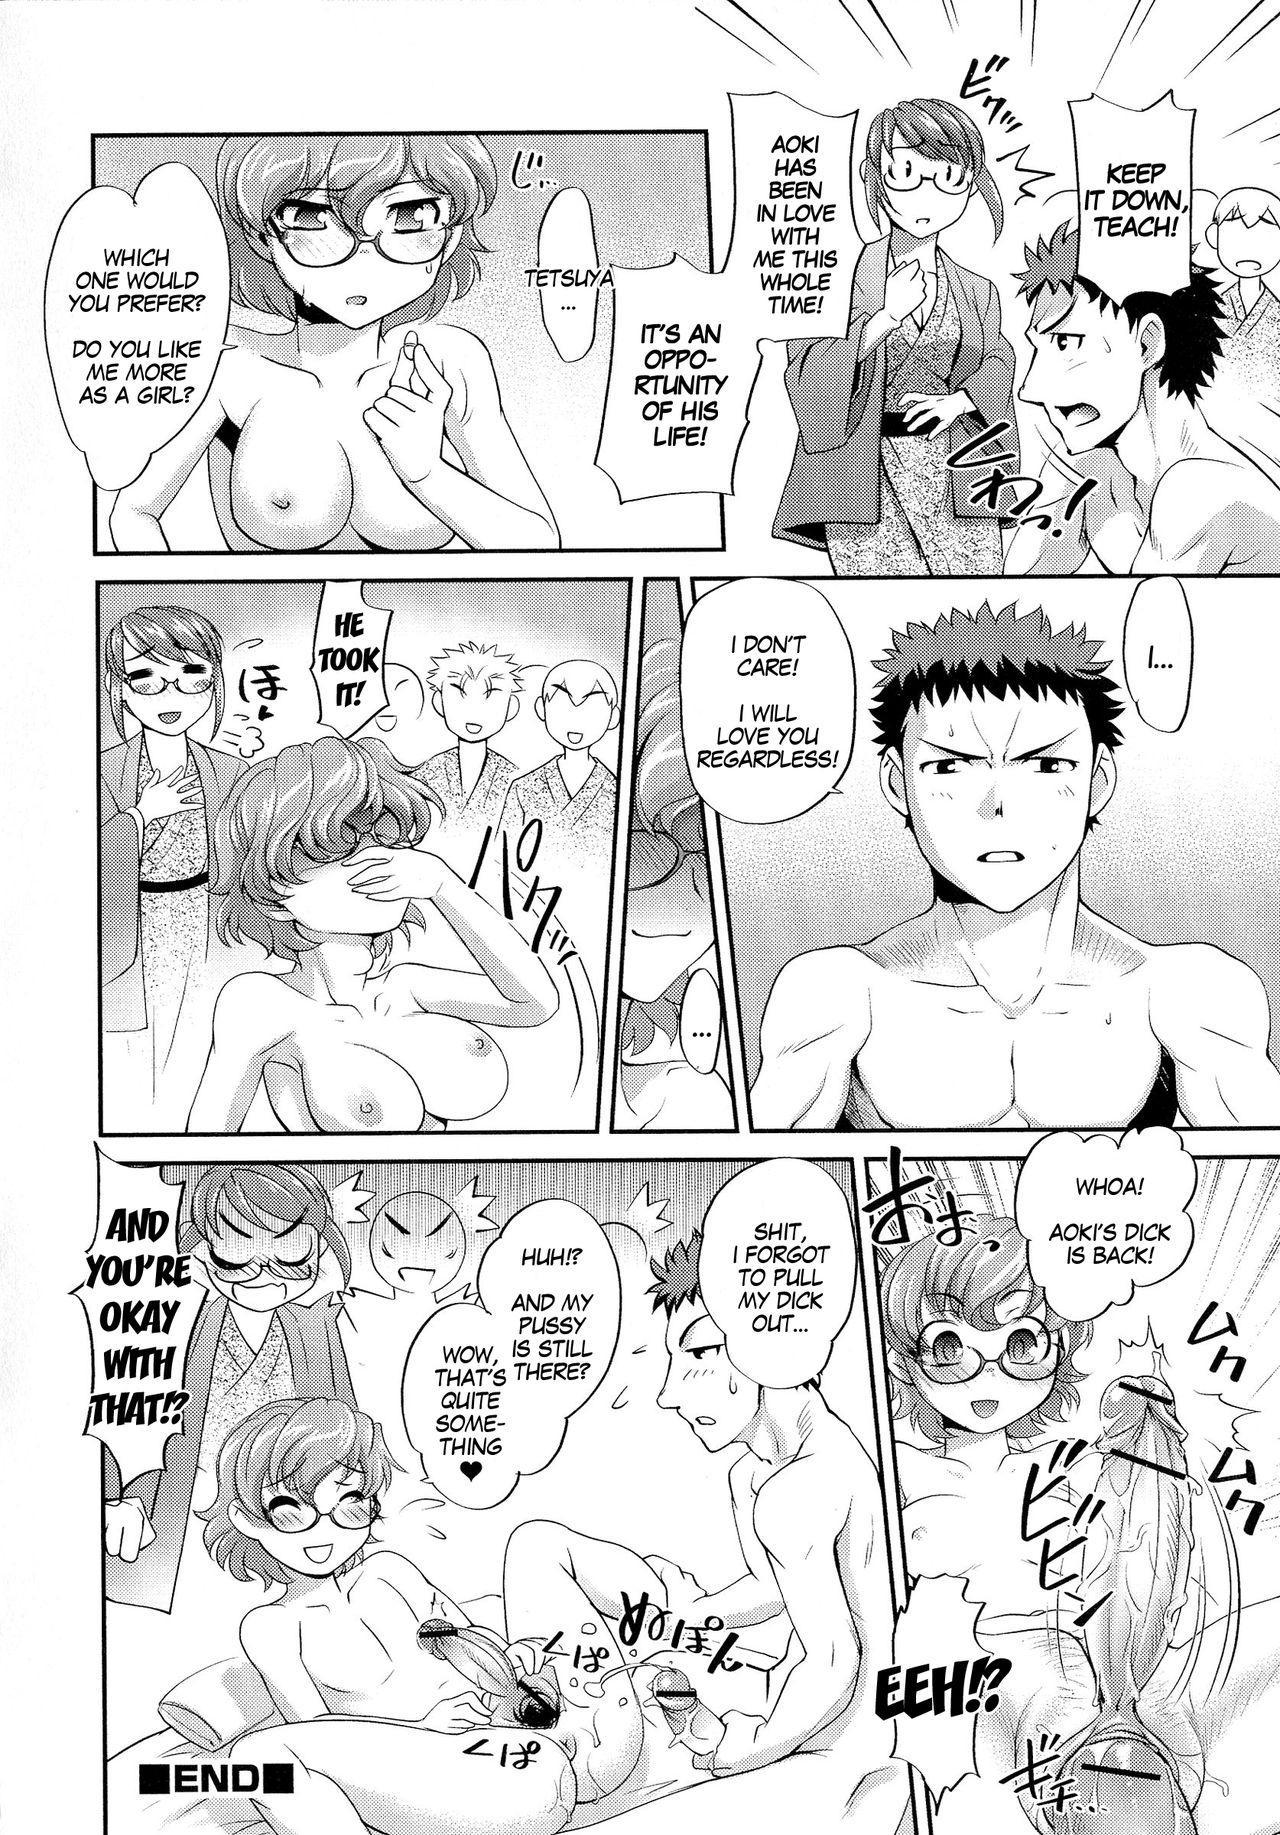 Saiaku Otokoyu de Ore ga Onnanoko ni Nacchau Nante 2 | No Way! I Turned Into a Girl at the Men's Public Bath 2 15